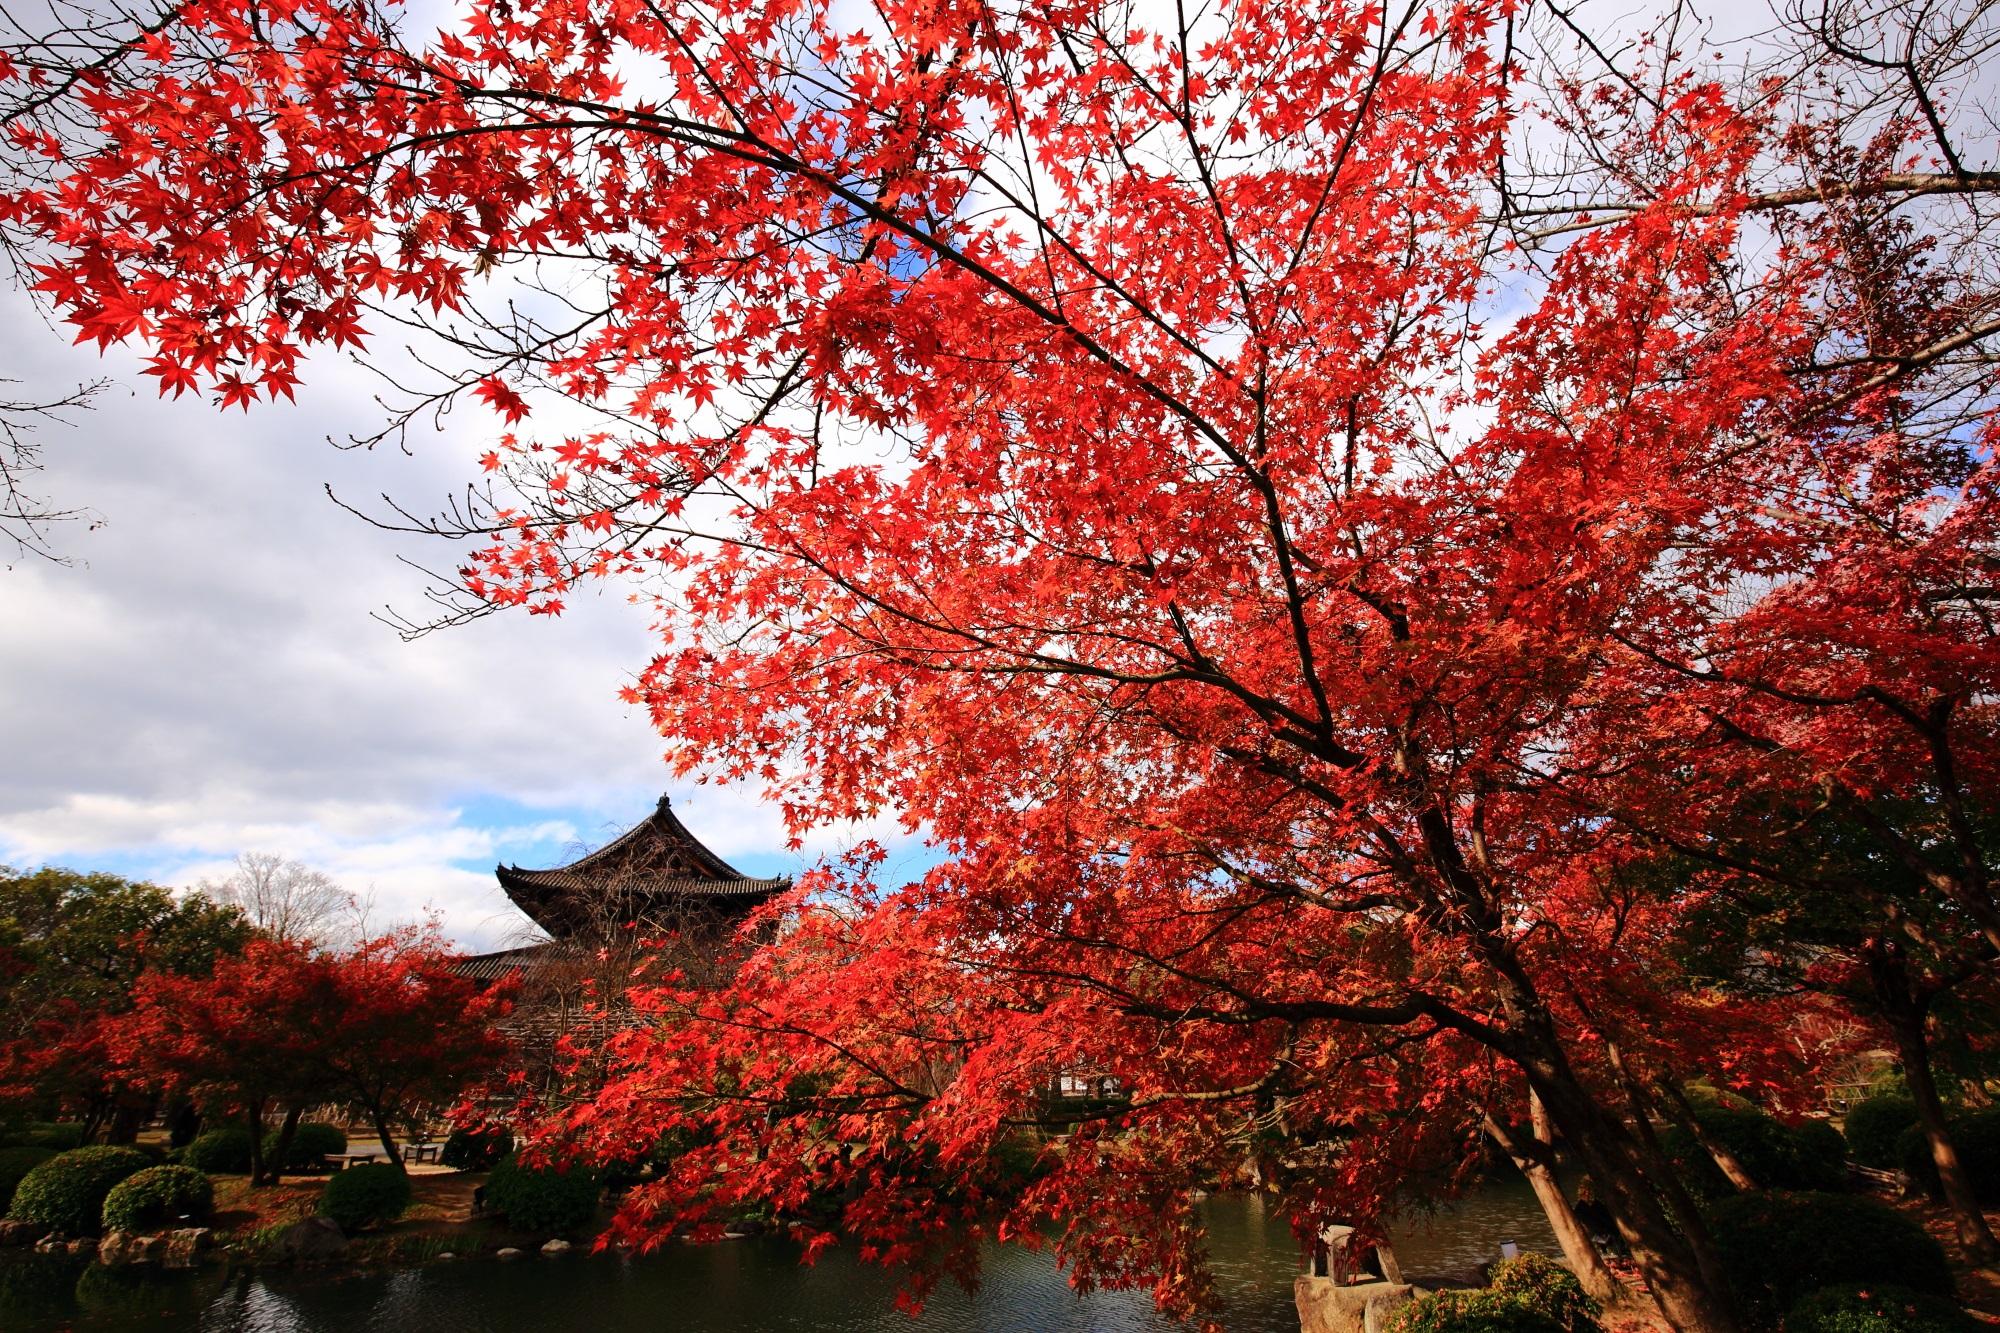 紅葉名所の教王護国寺の見ごろの綺麗な紅葉と金堂